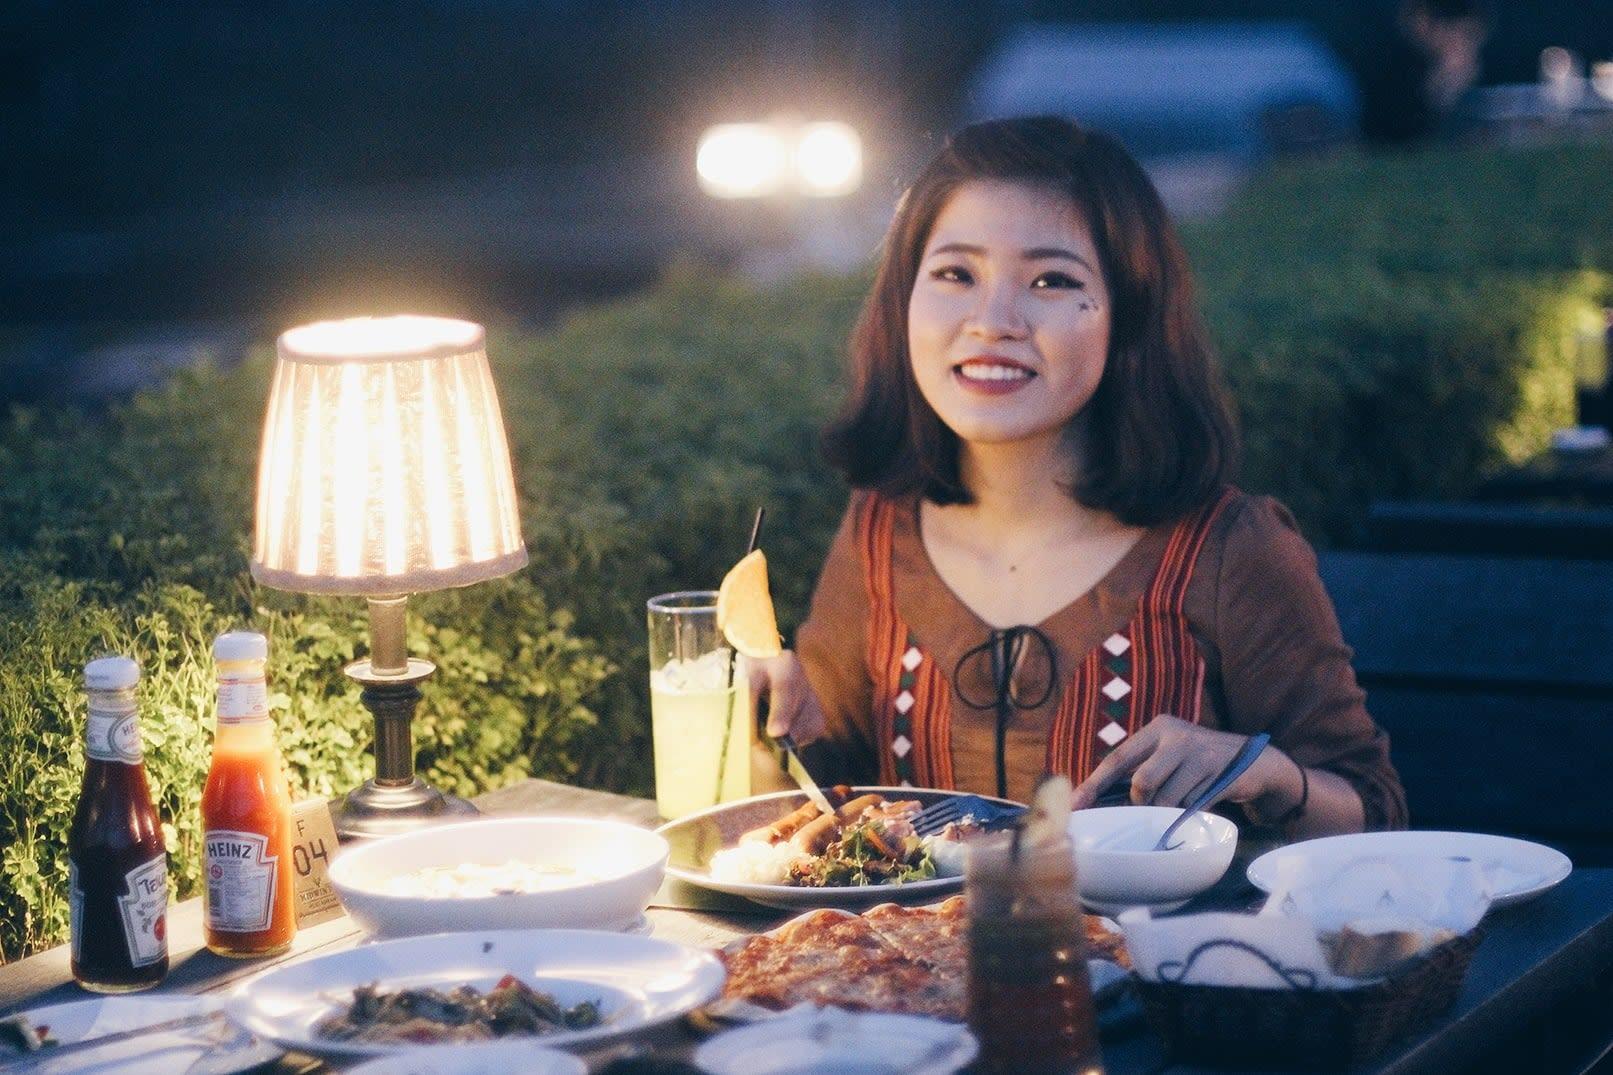 du lịch khao yai - ăn tối kiểu âu ở midwinter green